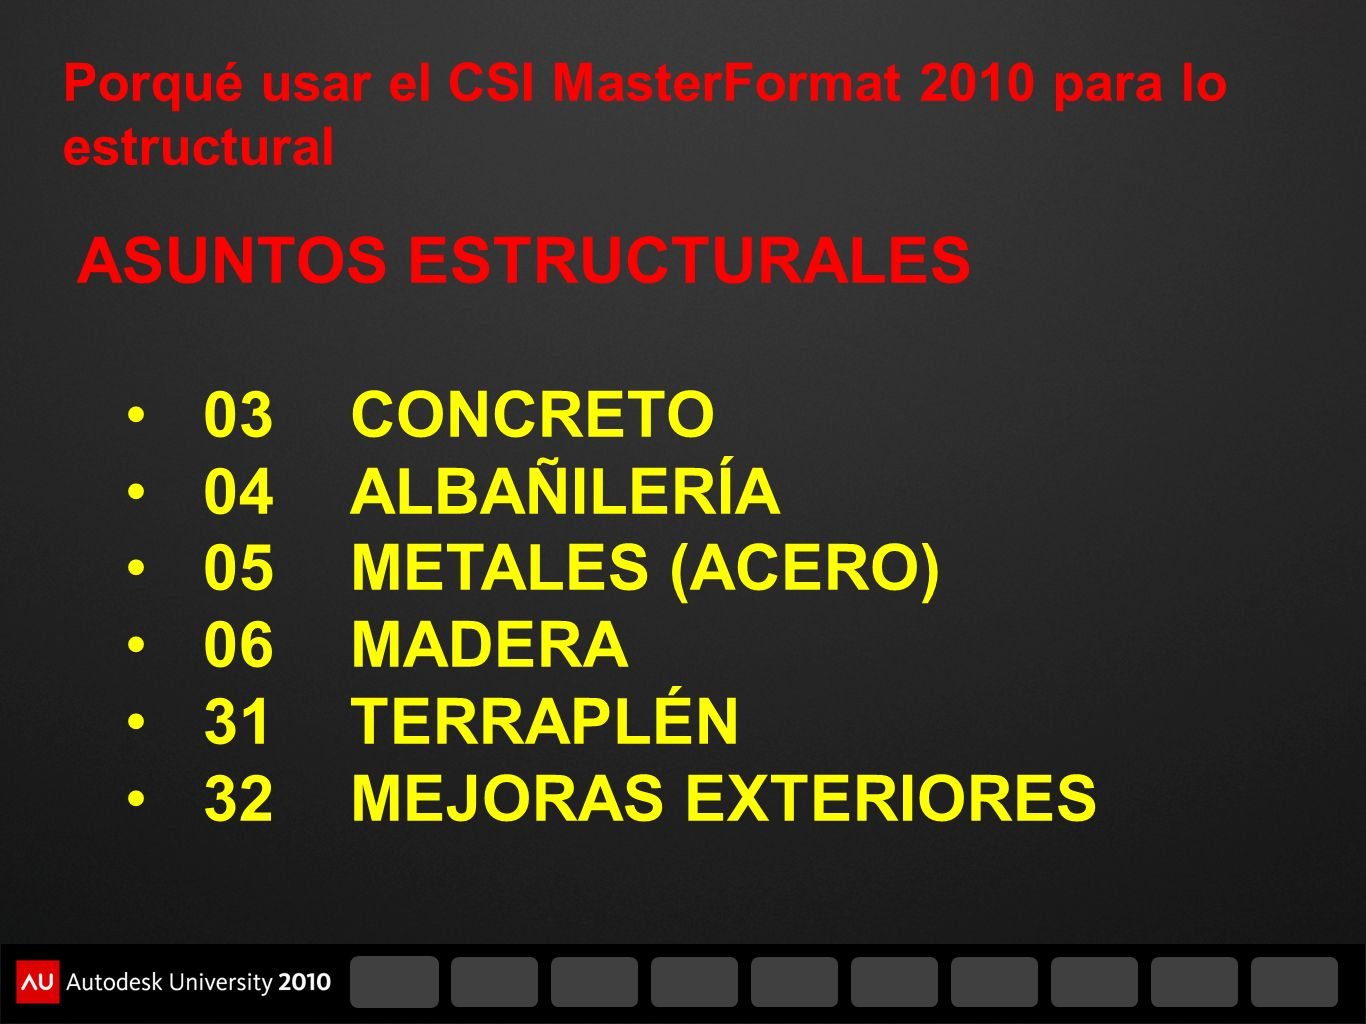 Porqué usar el CSI MasterFormat 2010 para lo estructural